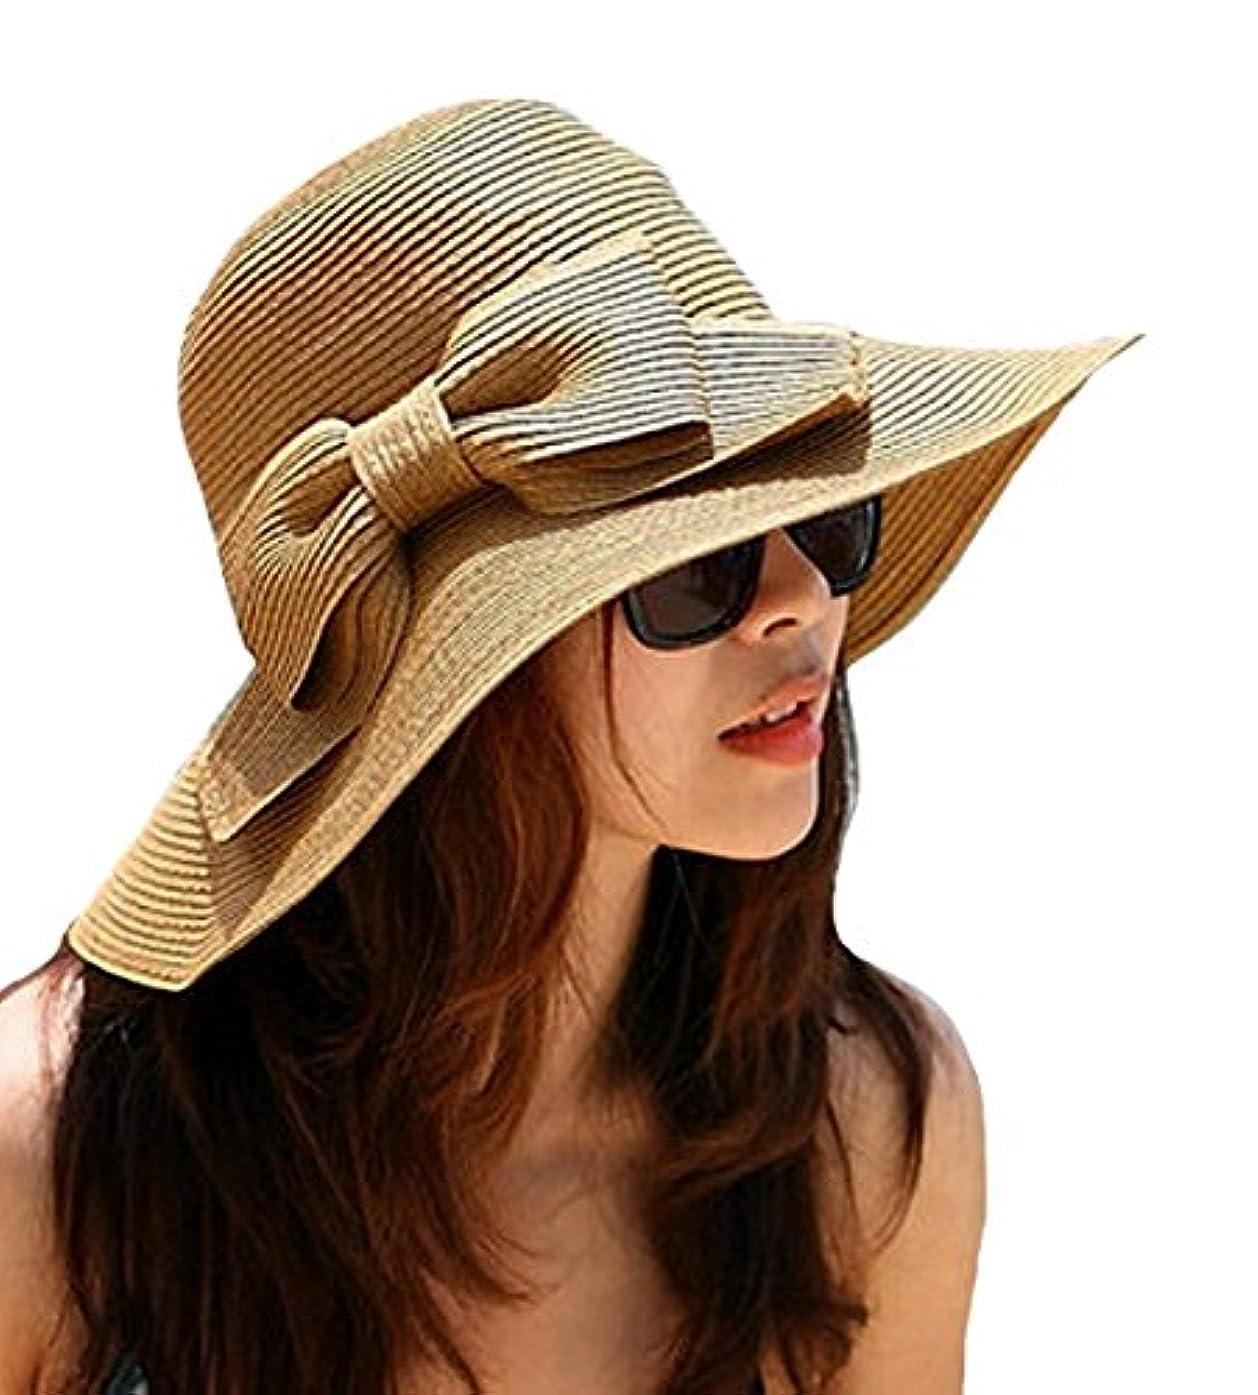 ローズ蓄積する遅らせるAisa 折りたたみ式 蝶結びリボン 垂れたつばの麦わら帽子 レディース ワイドなつば ビーチ サンバイザー 帽子 キャップ